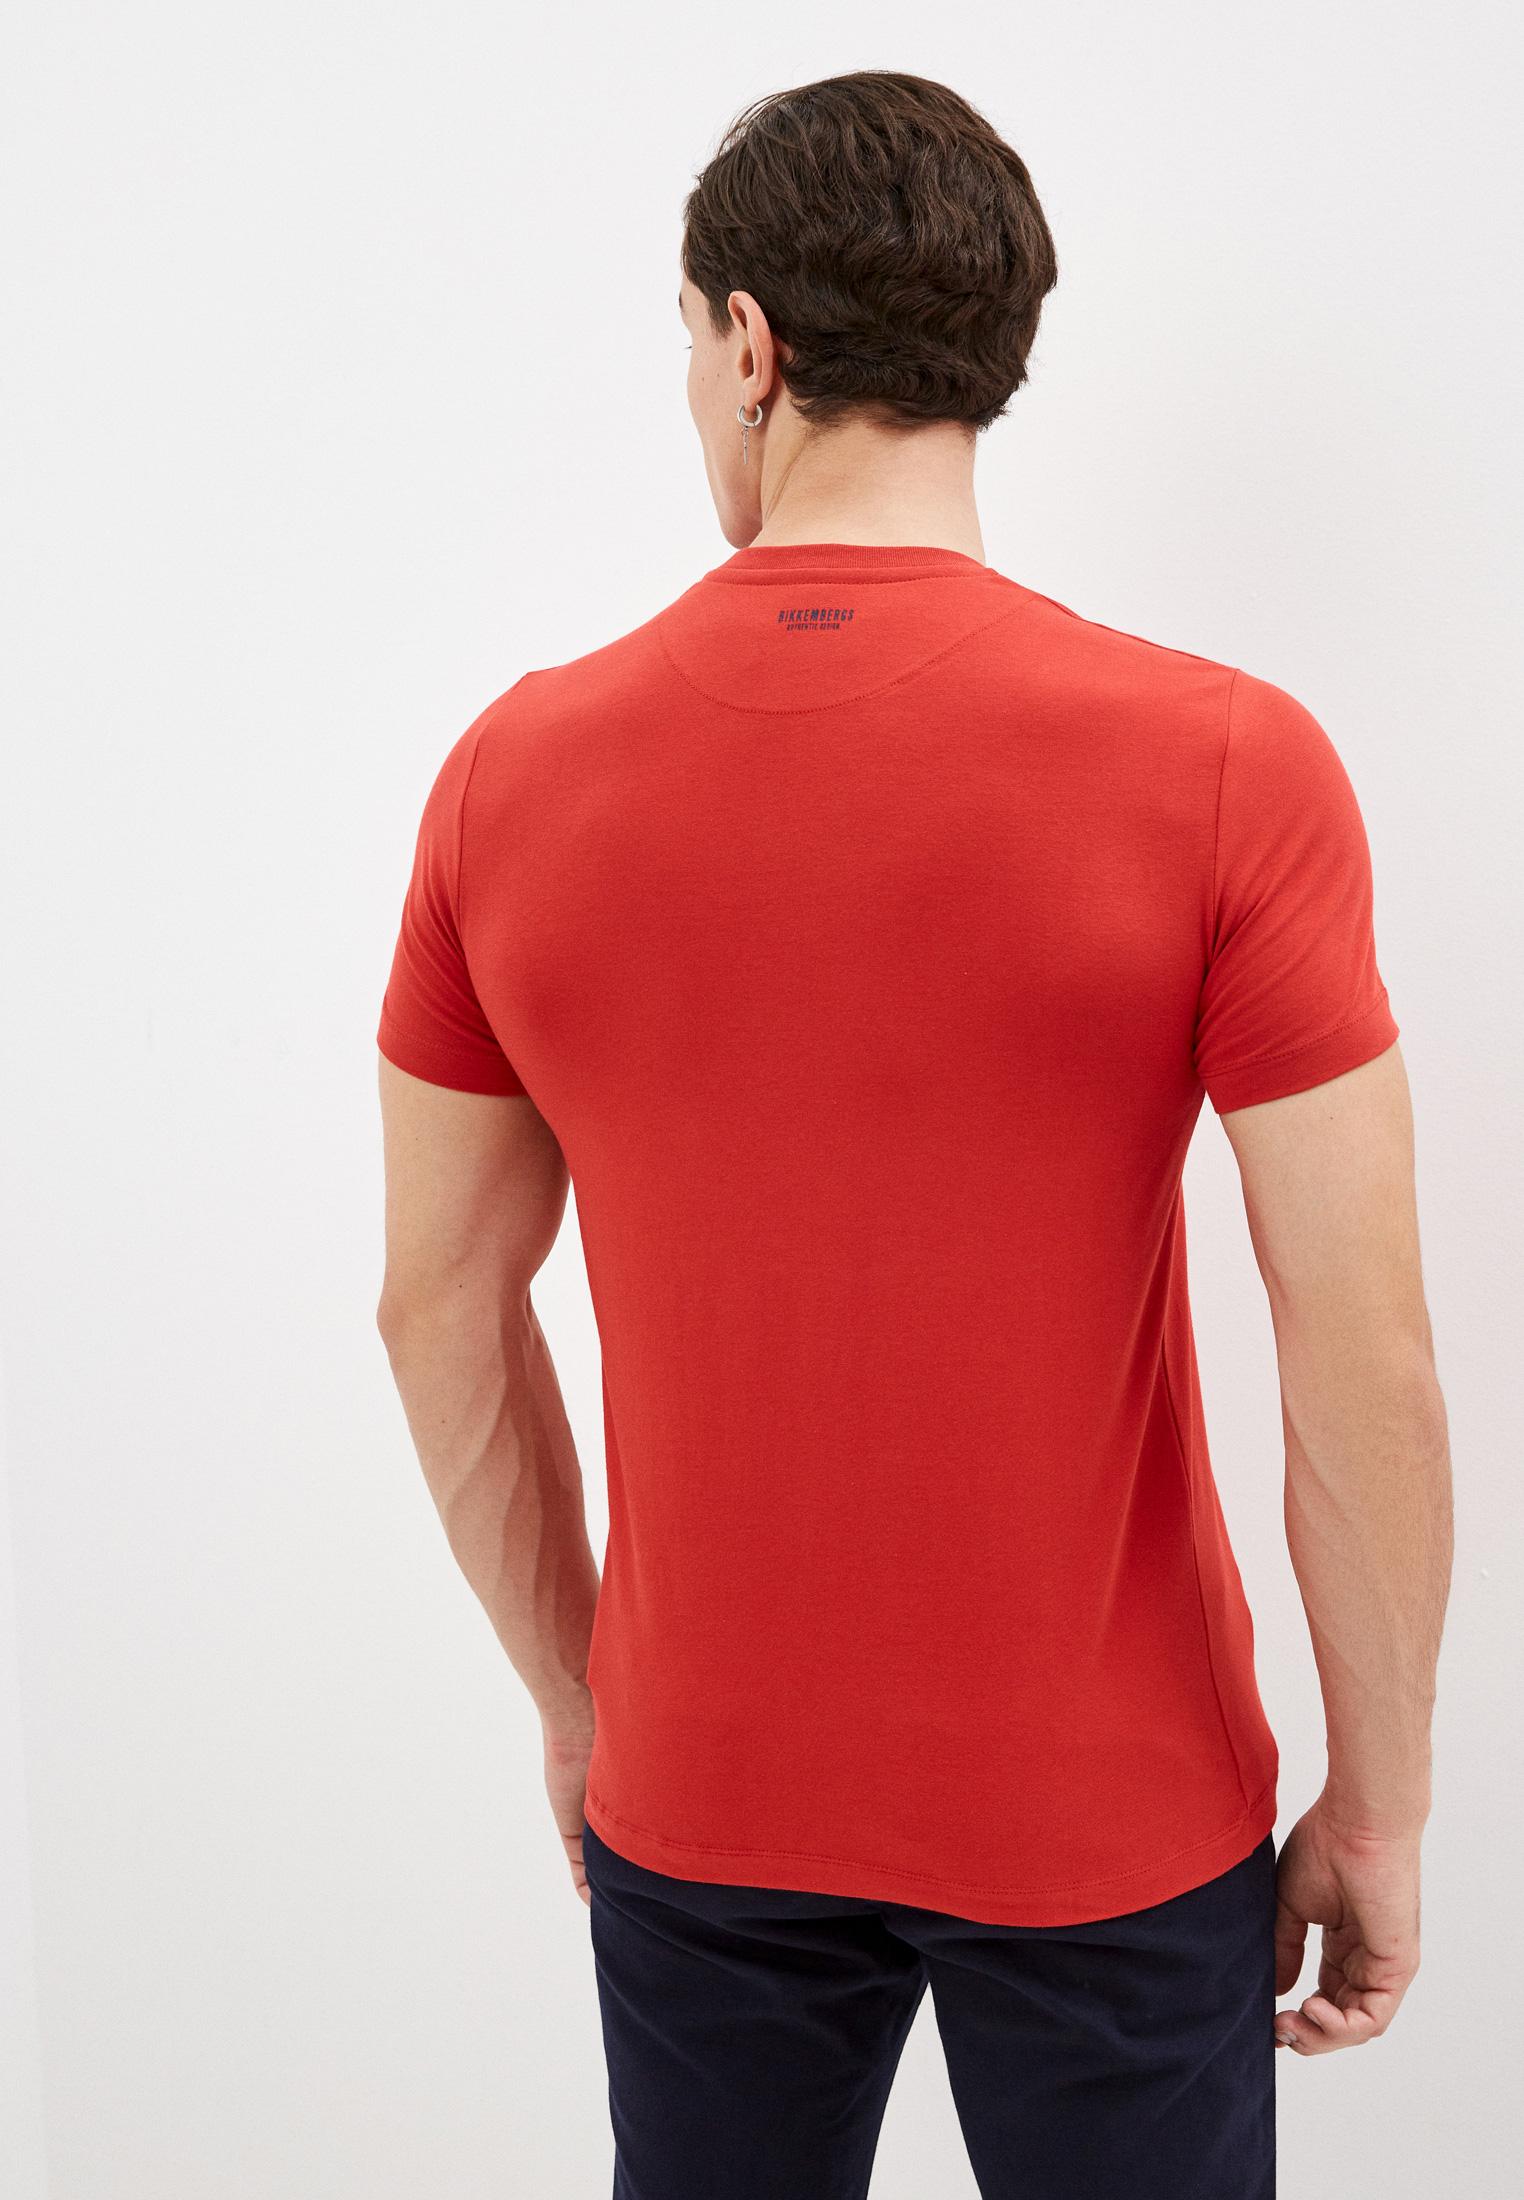 Мужская футболка Bikkembergs (Биккембергс) C 7 021 1T E 1814: изображение 9